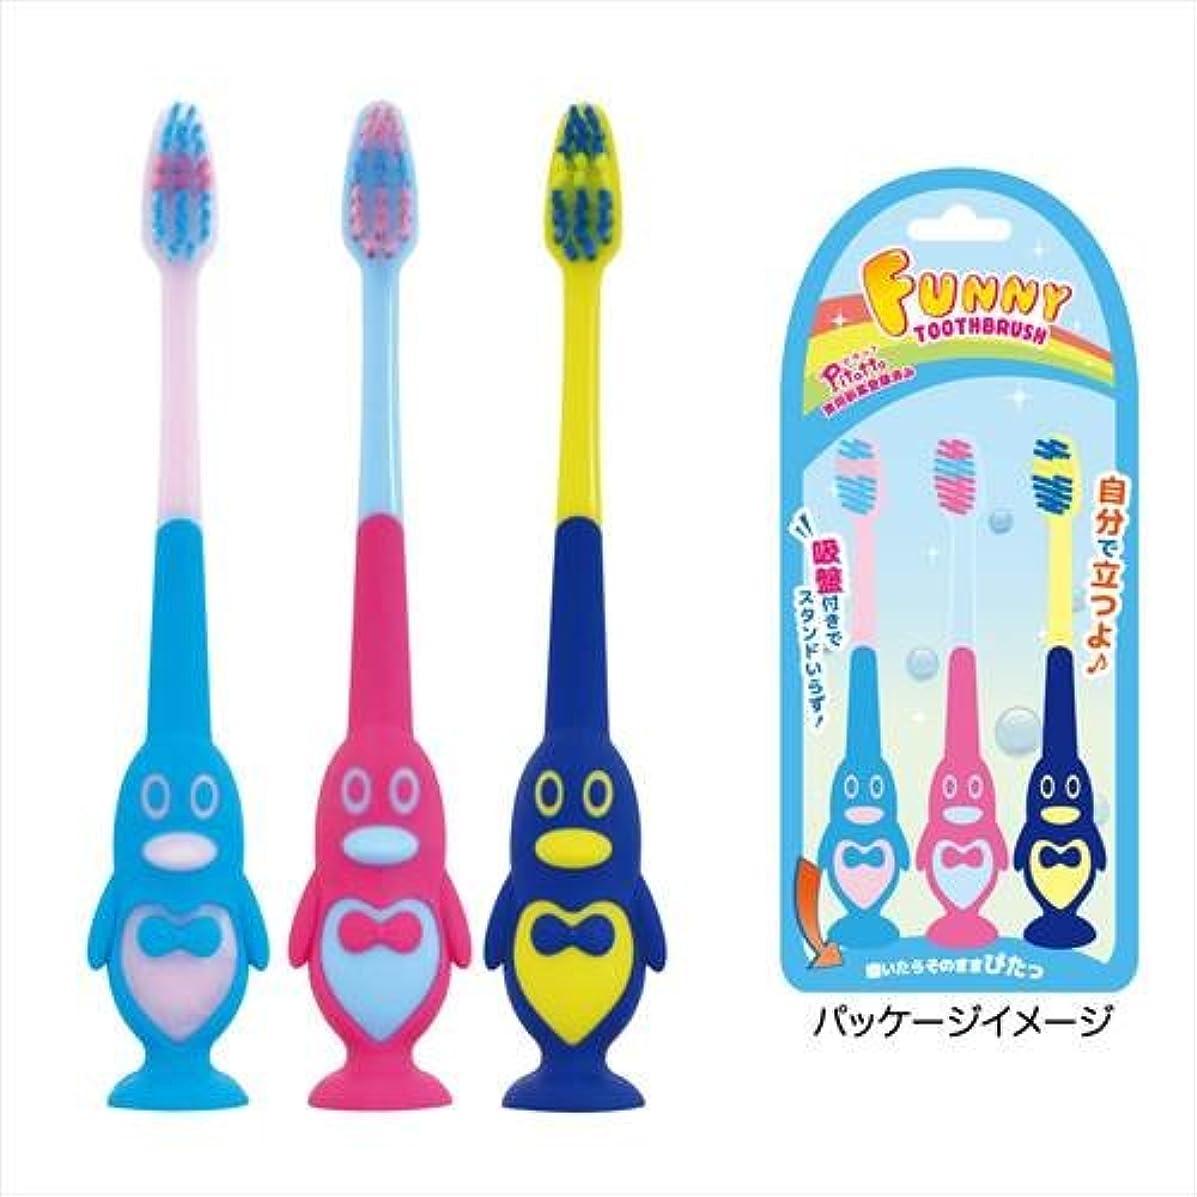 ヨーグルトペッカディロサイトライン[歯ブラシ] 吸盤付き歯ブラシ 3本セット/ペンギン ユーカンパニー かわいい 洗面用具 グッズ 通販